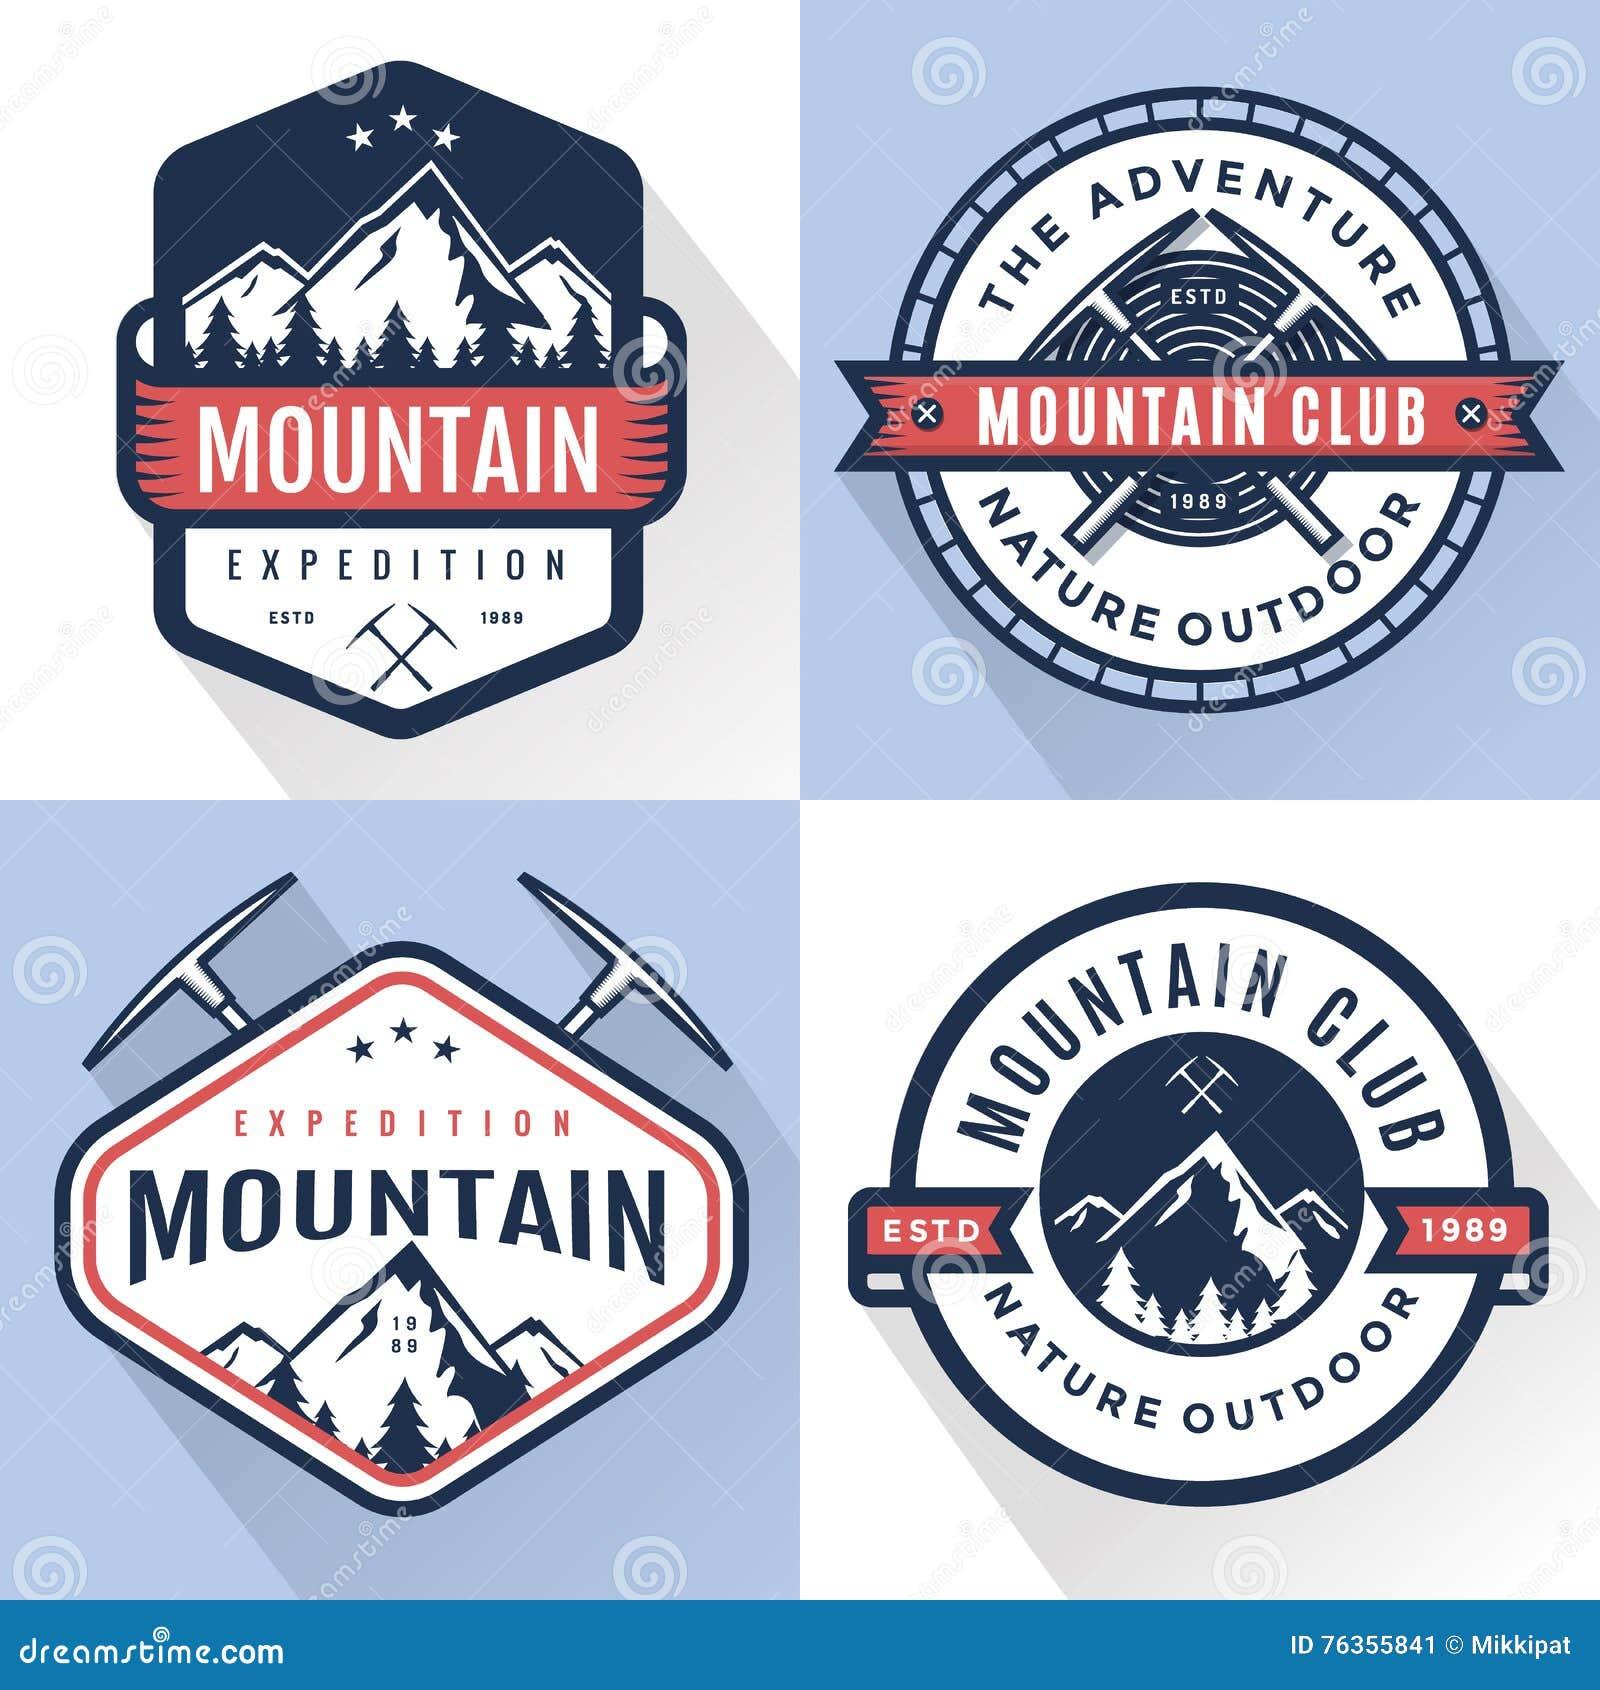 Grupo de logotipo, de crachás, de bandeiras, de emblema para a montanha, de caminhada, de acampamento, de expedição e de aventura